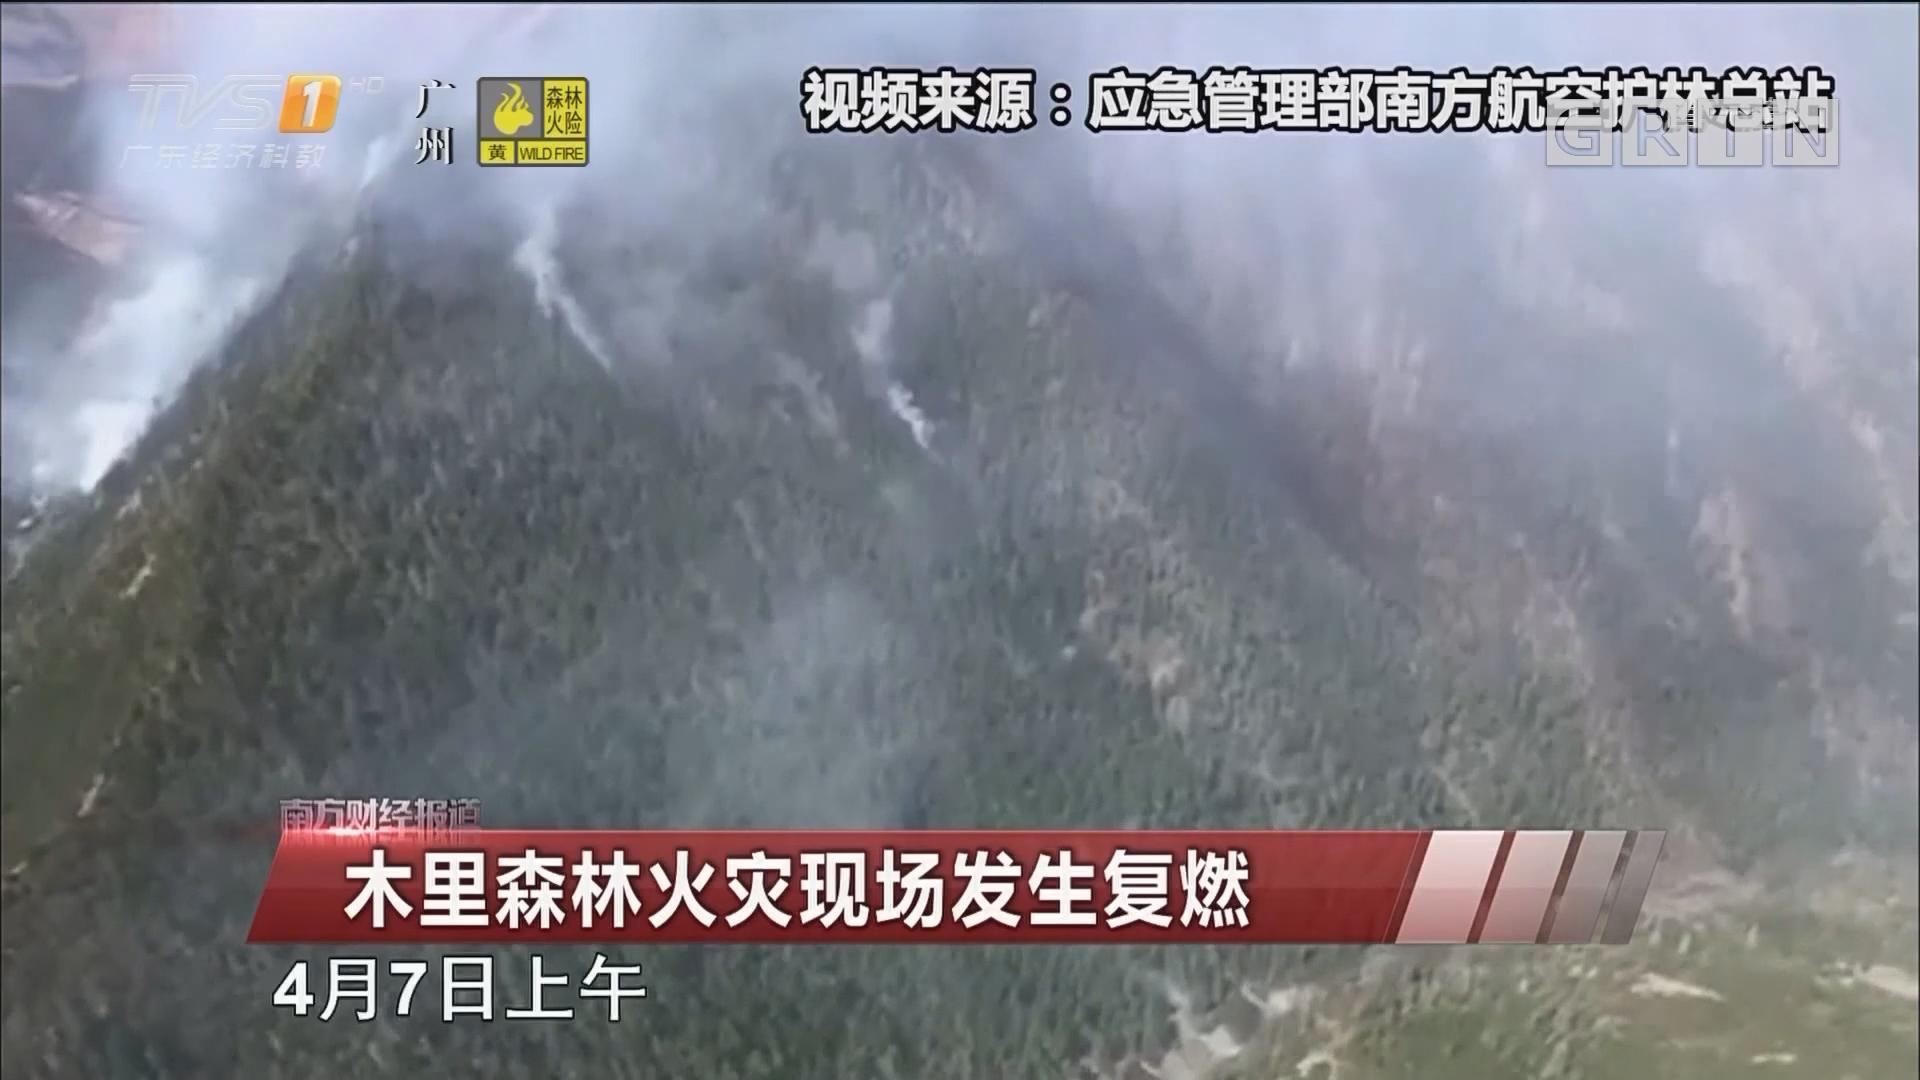 木里森林火灾现场发生复燃